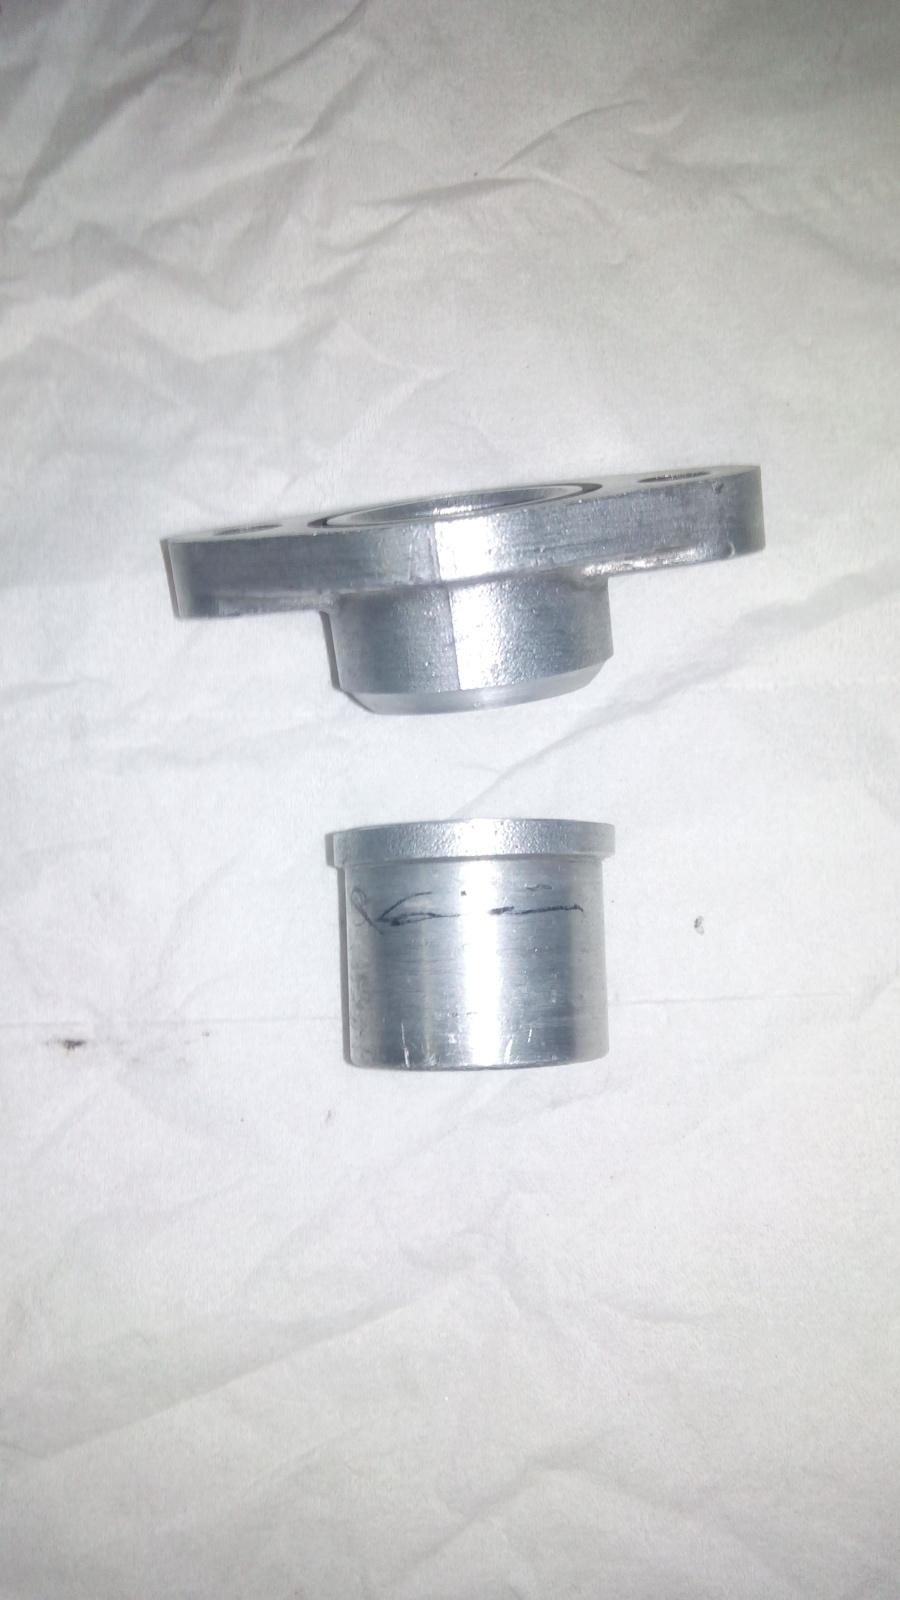 Mejoras en motores P3 P4 RV4 DL P6 K6... - Página 7 2ujni4h